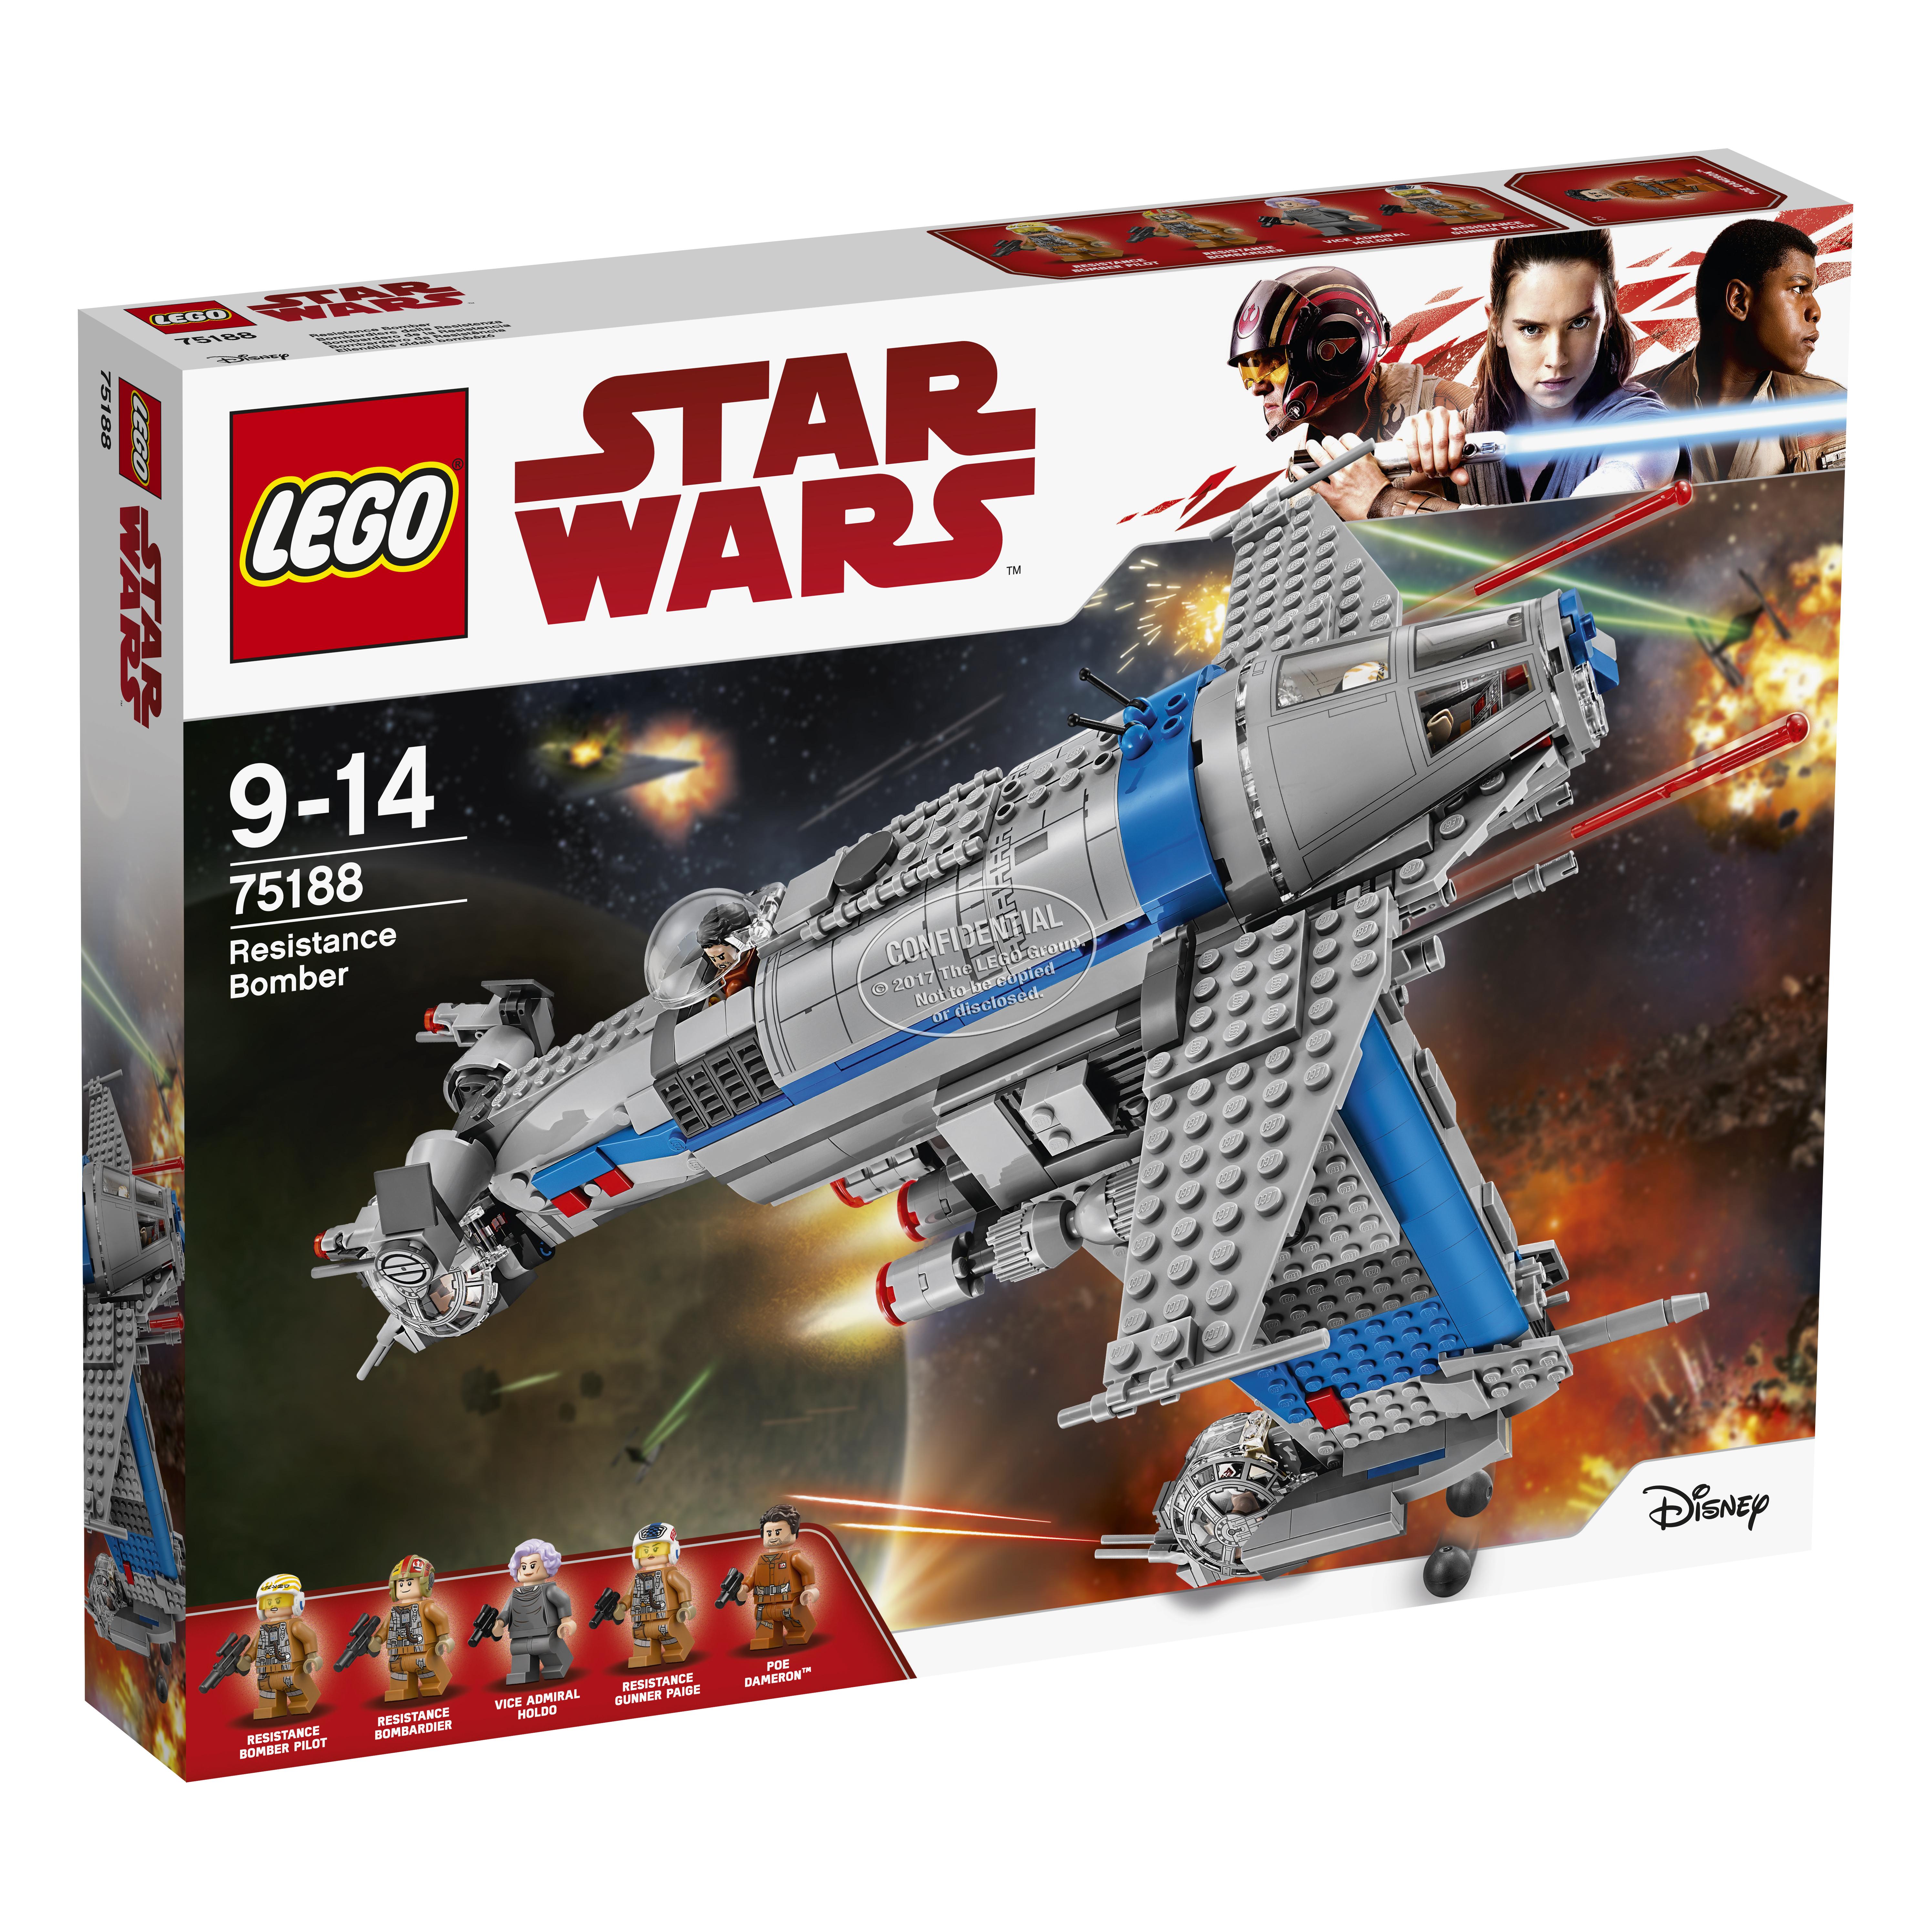 Купить Конструктор Lego Star Wars Resistance Bomber